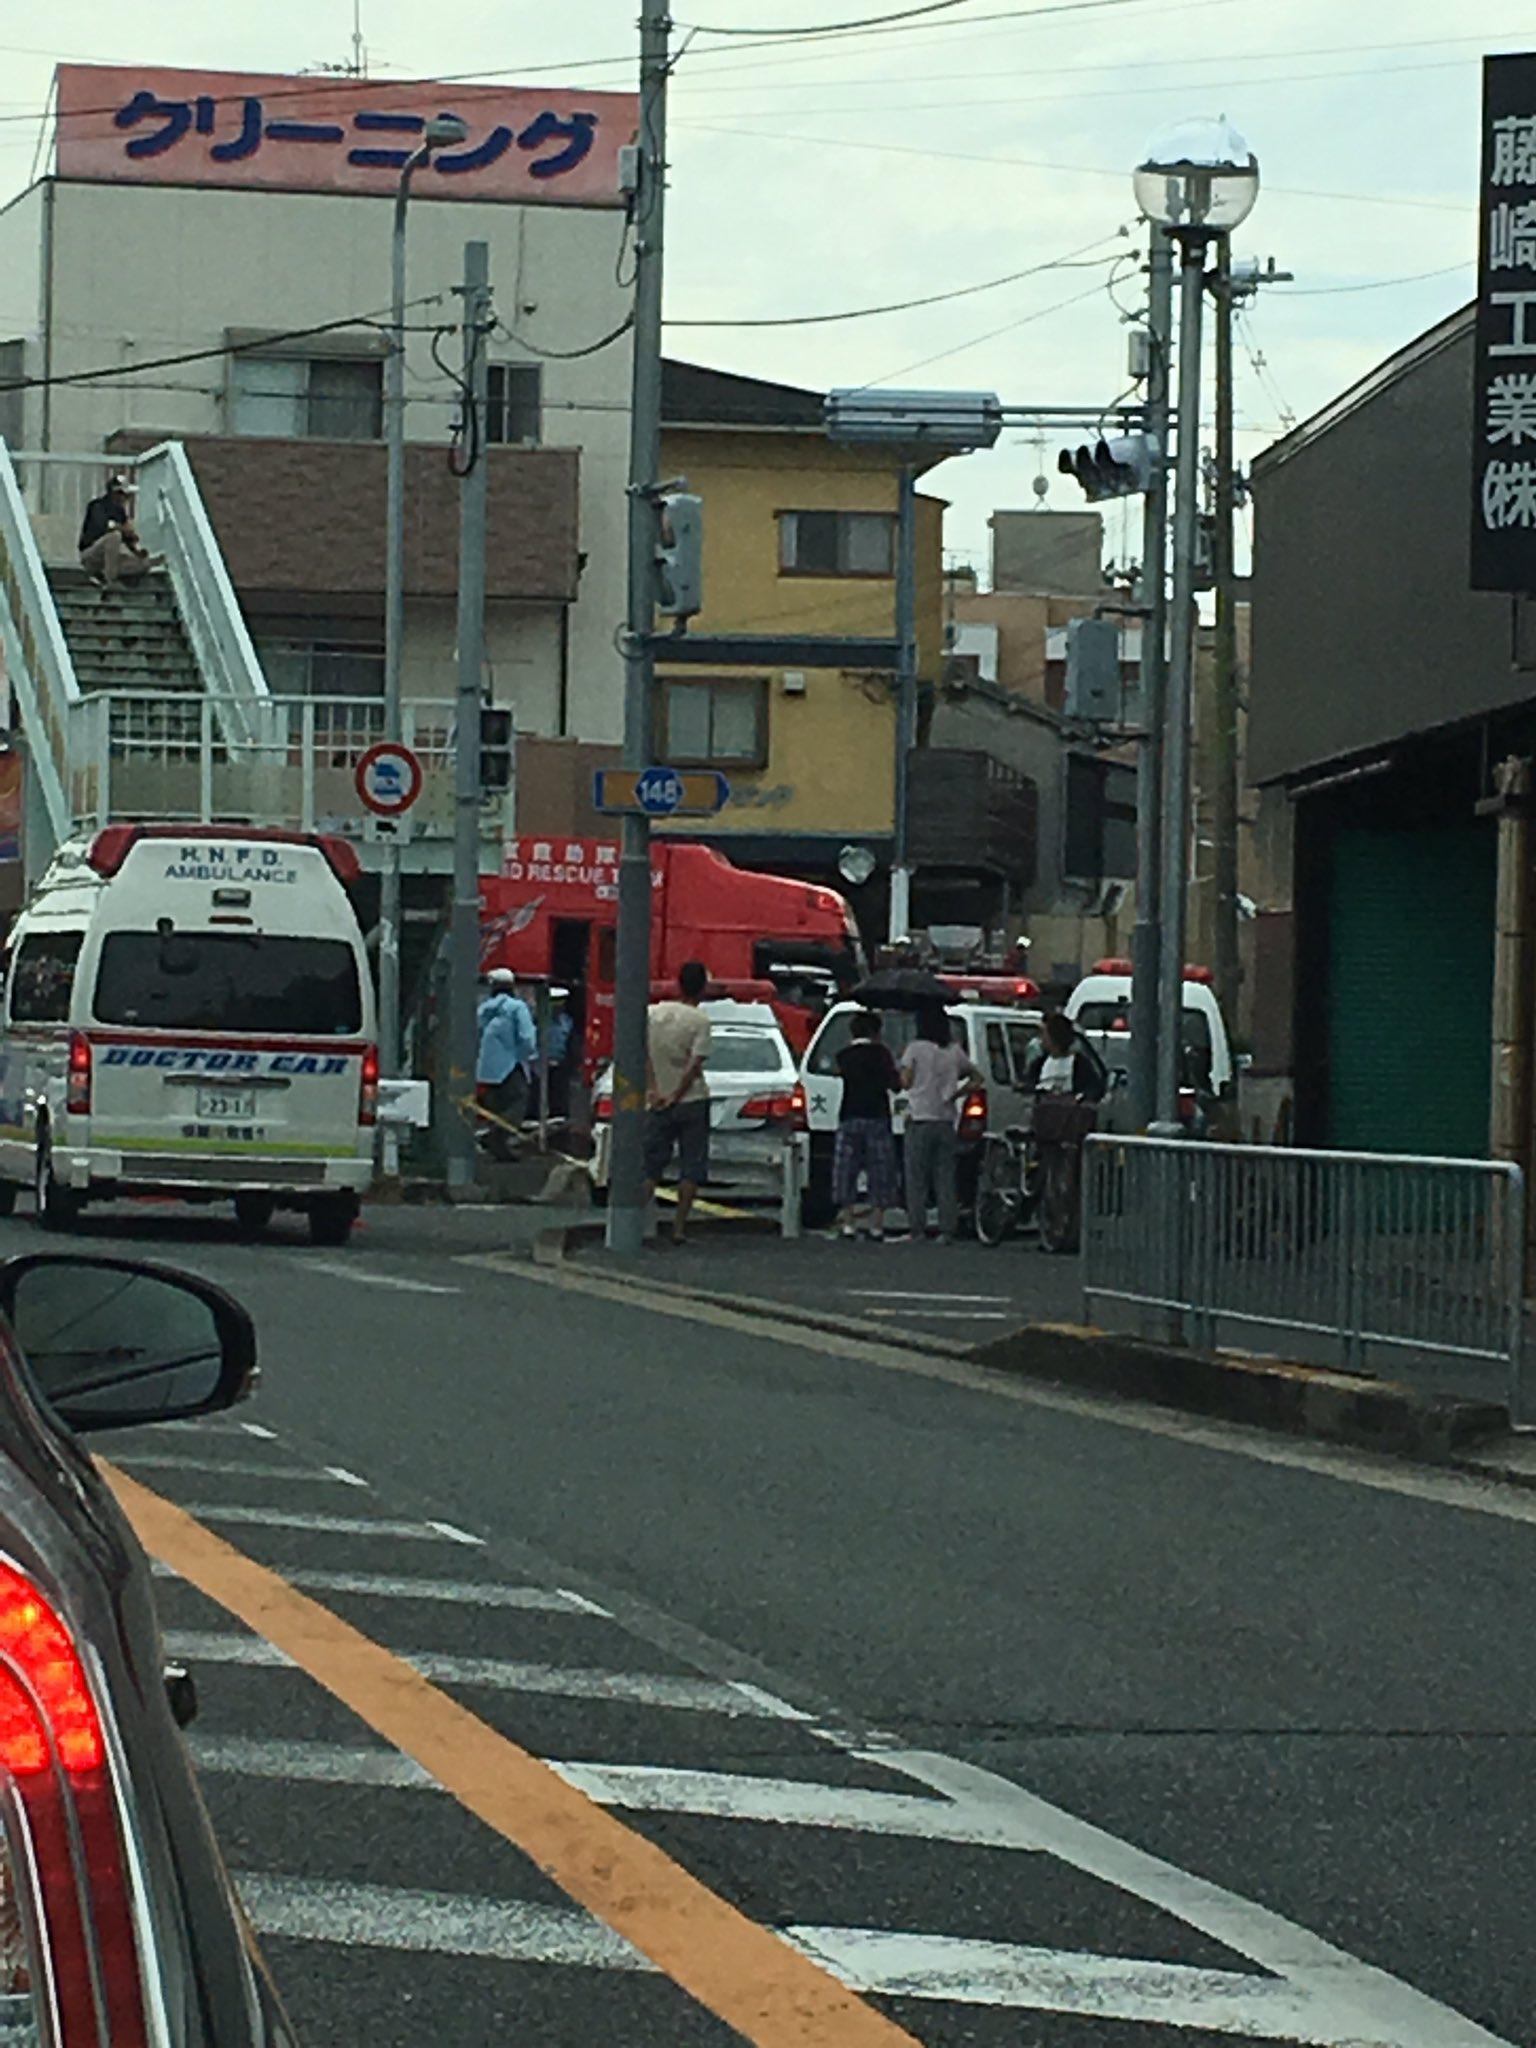 枚方市茄子作で車と人が衝突する事故が起きた現場画像